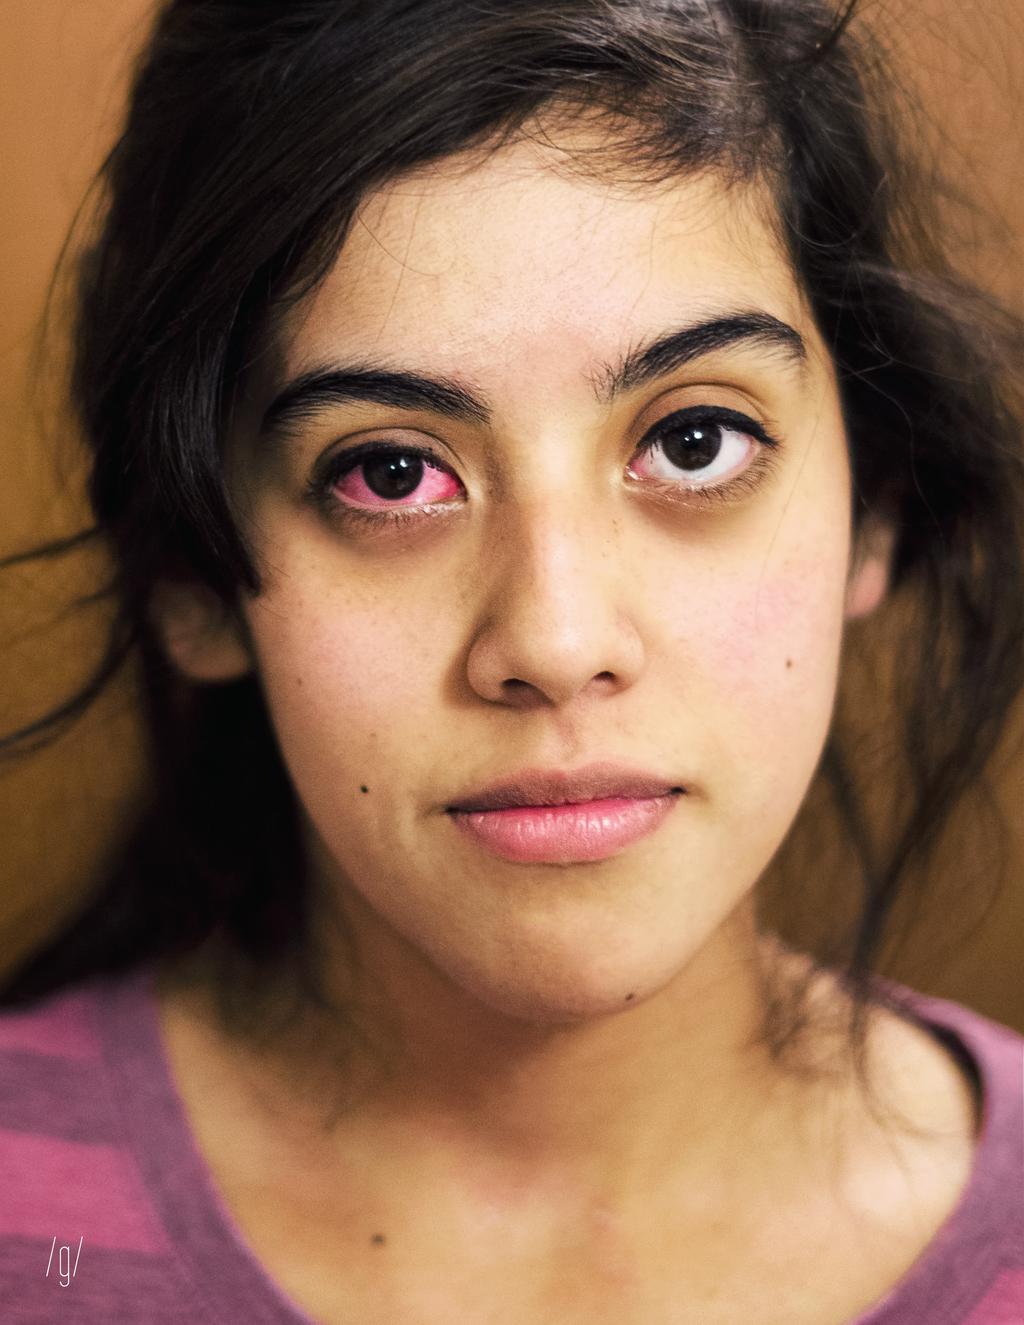 conjunctiva heterochromia by tnargrant